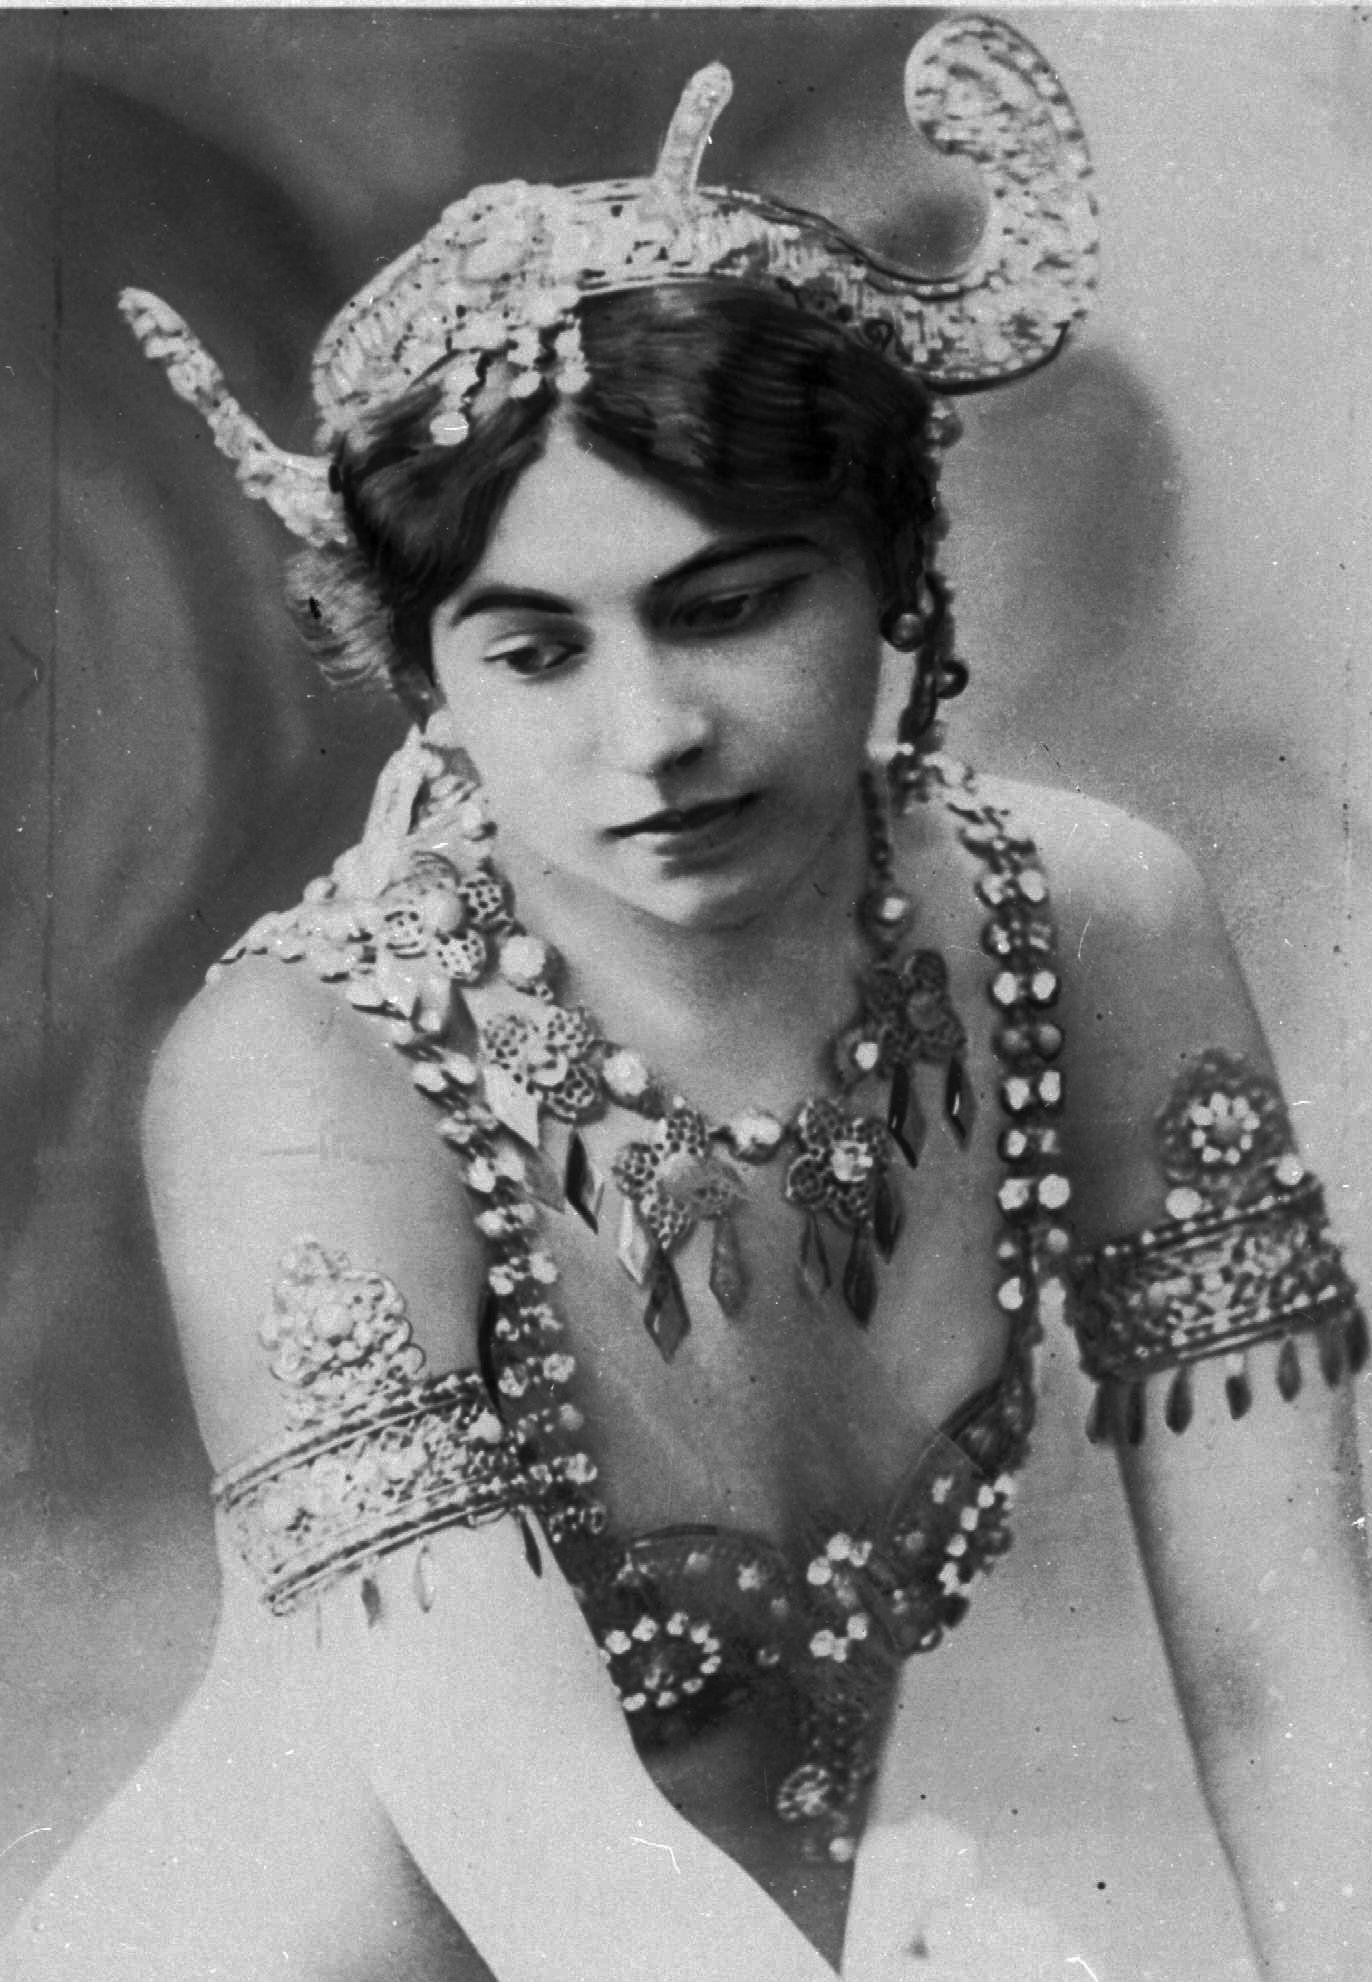 NUR FÜR EINESTAGES - Mata Hari